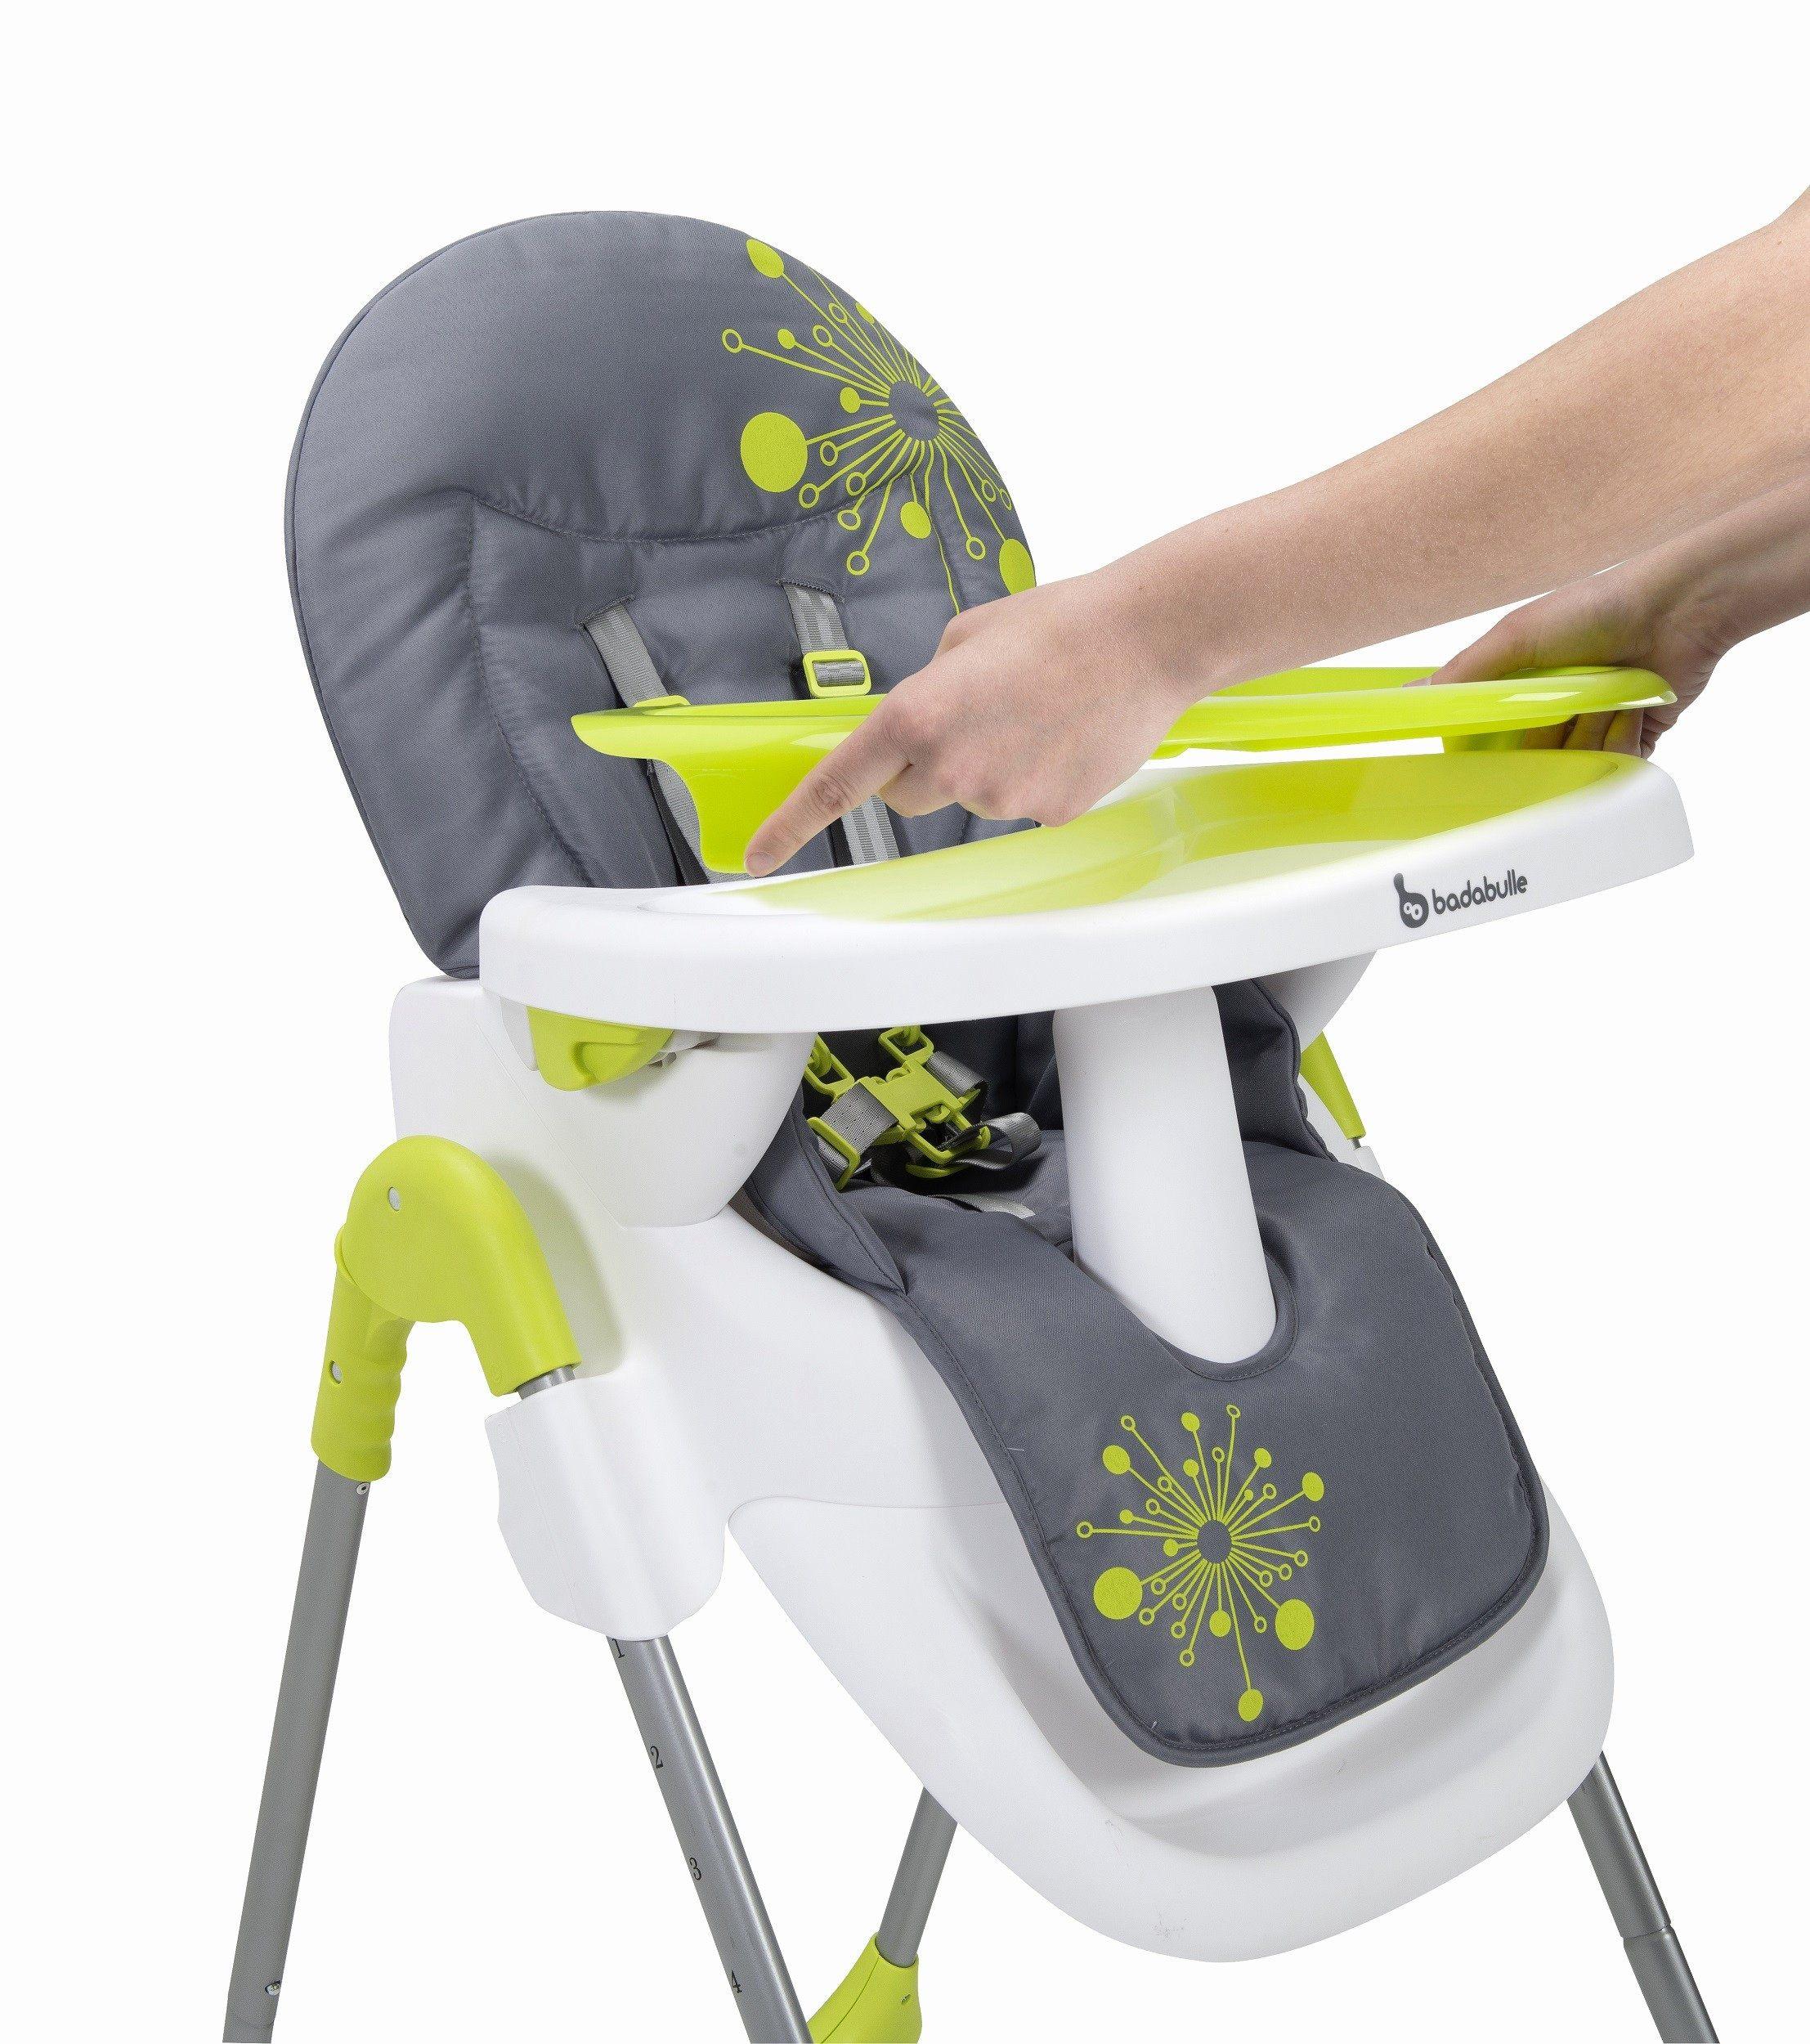 Lit Bébé 2 Ans Conforama De Luxe Charmant Baignoire Bébé Babymoov Baignoire Pour Bebe Frais Parc B C3